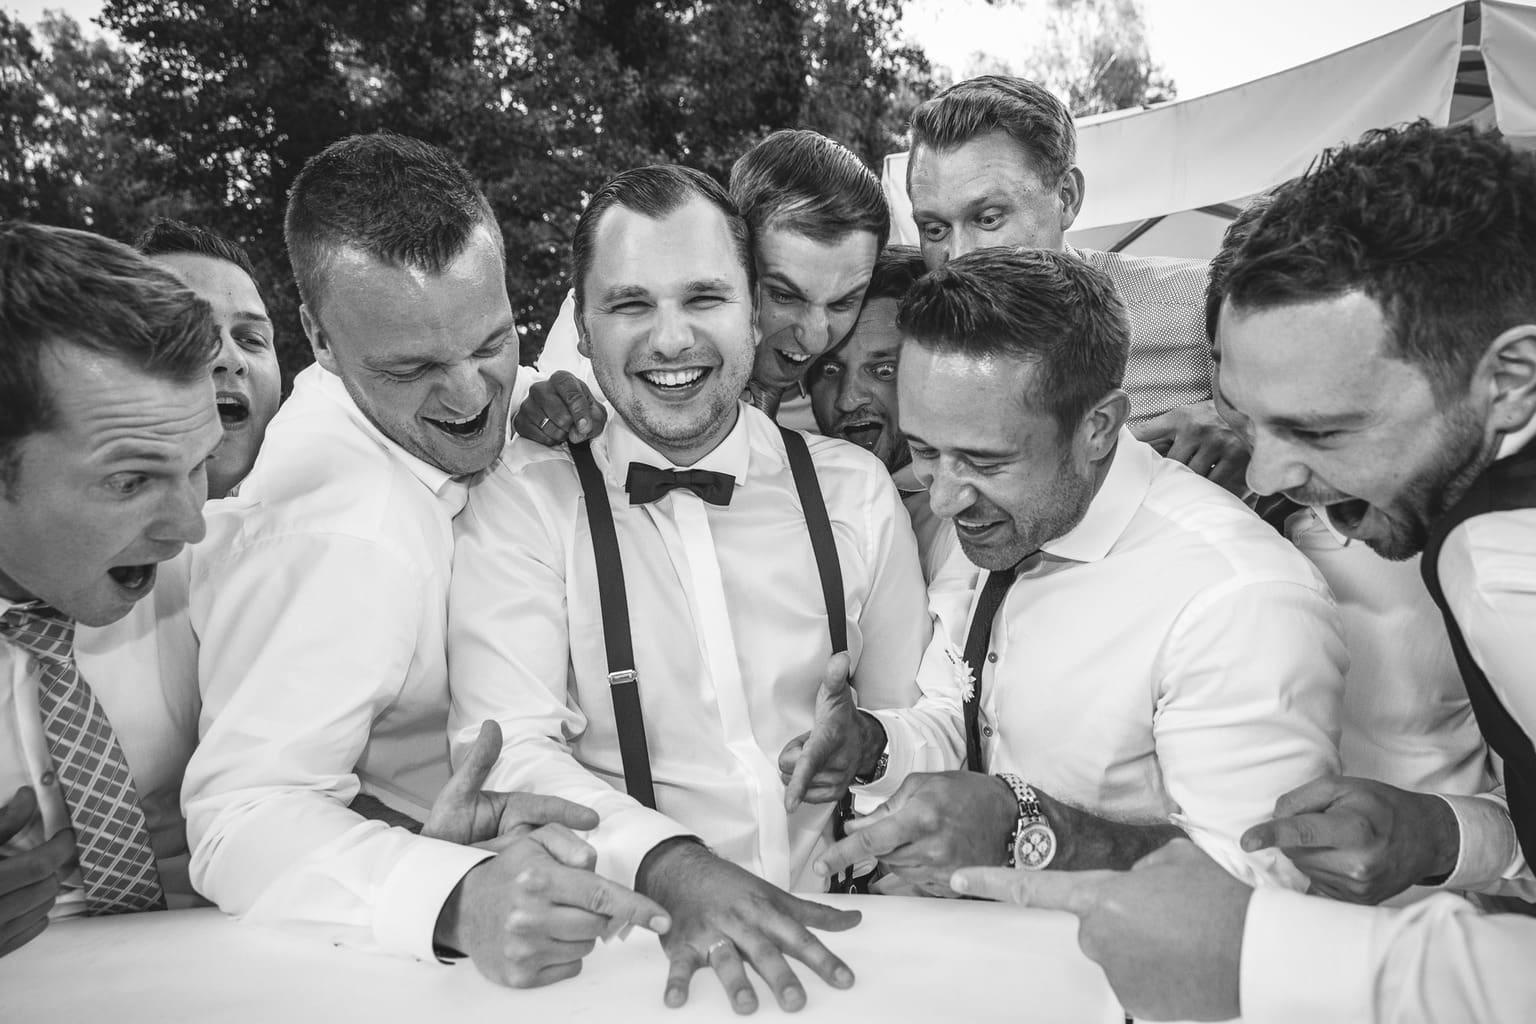 Hochzeitsfotograf Markus Baumann Lichtbetont - Ingolstadt - Eichstätt, Neuburg, Fotograf München, Fotografie Augsburg - Hochzeitsfotos - Portfolio0113